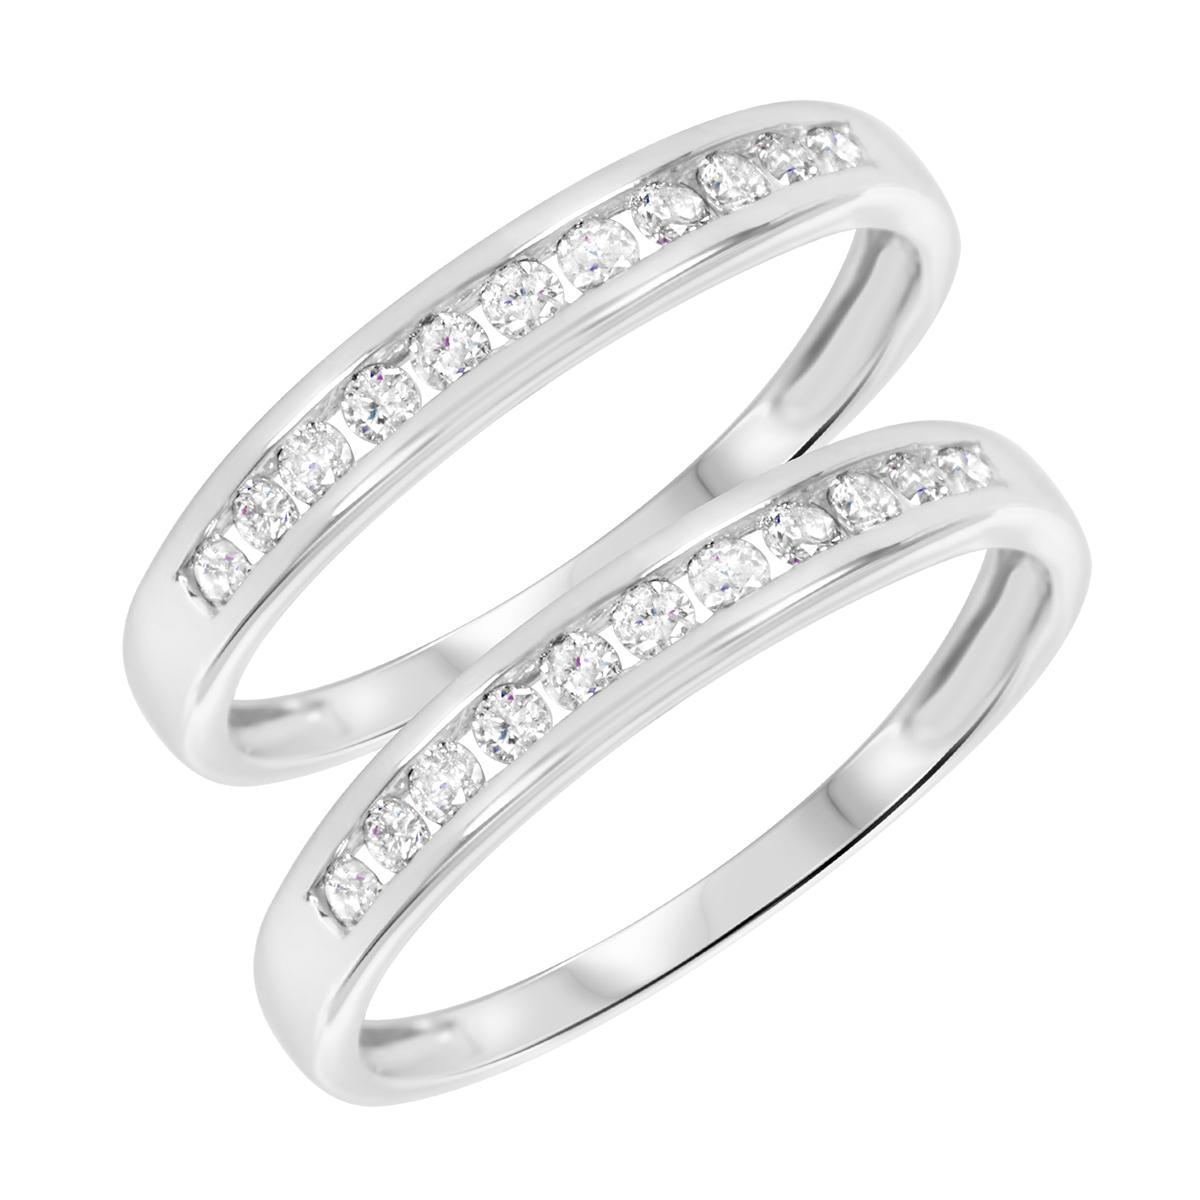 3/8 Carat T.W. Round Cut Ladies Same Sex Wedding Band Set 14K White Gold- Size 8